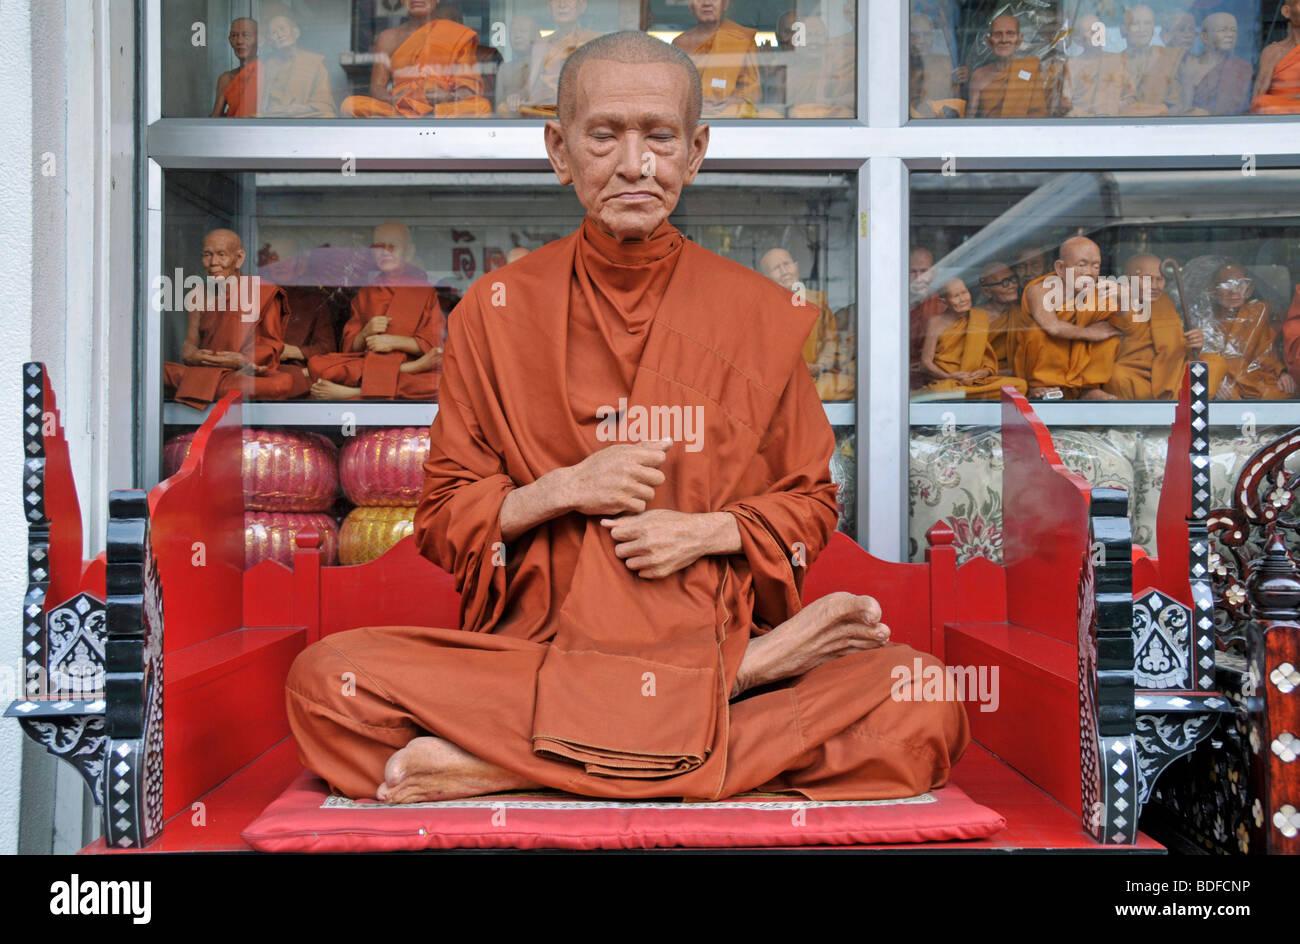 Deceptively lifelike monk figure, Bamrung Muang Road, Bangkok, Thailand, Asia - Stock Image